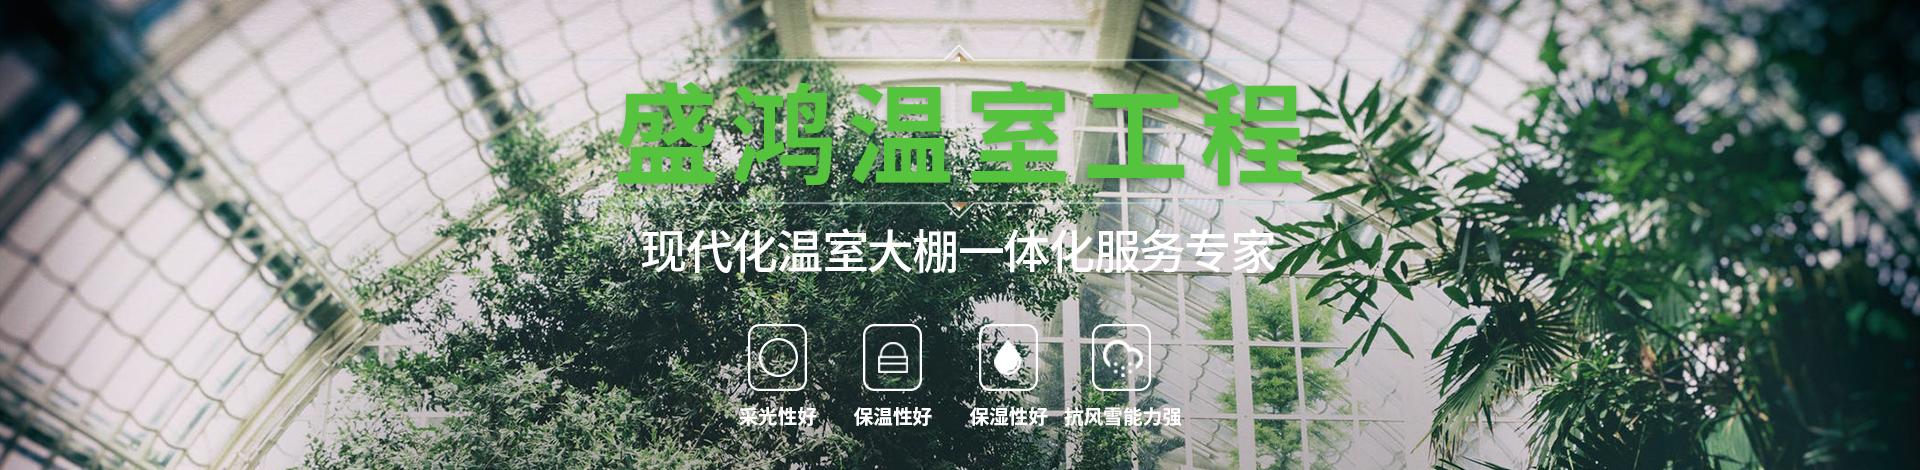 青州盛鸿温室工程有限公司